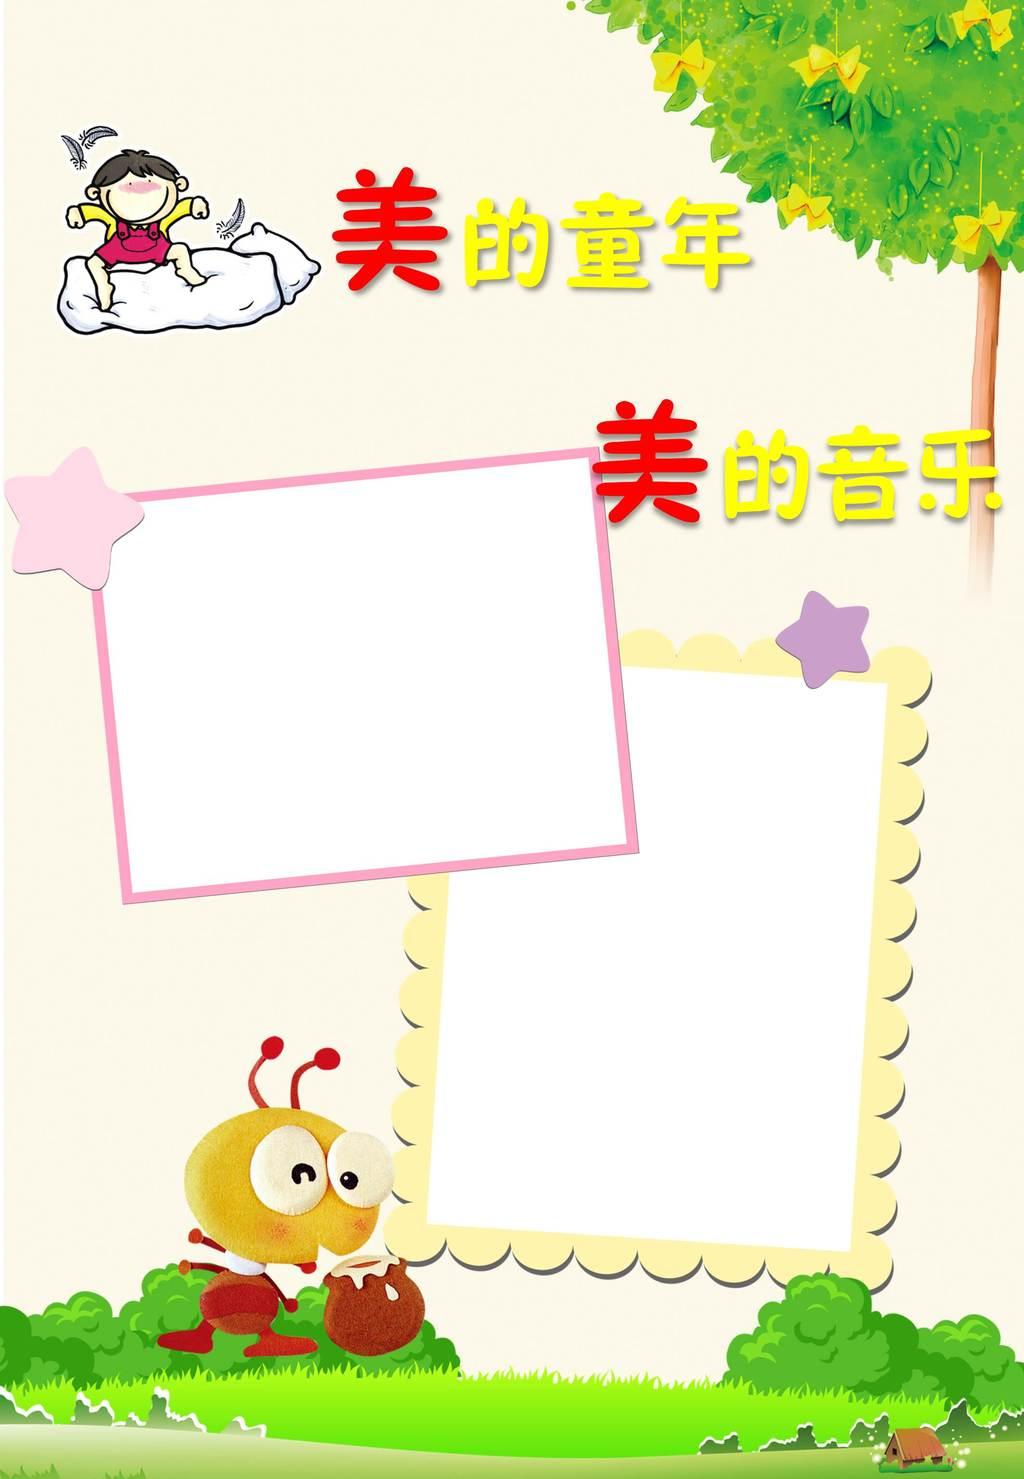 儿童成长档案ppt模板模版-小学成长档案模板ppt图片